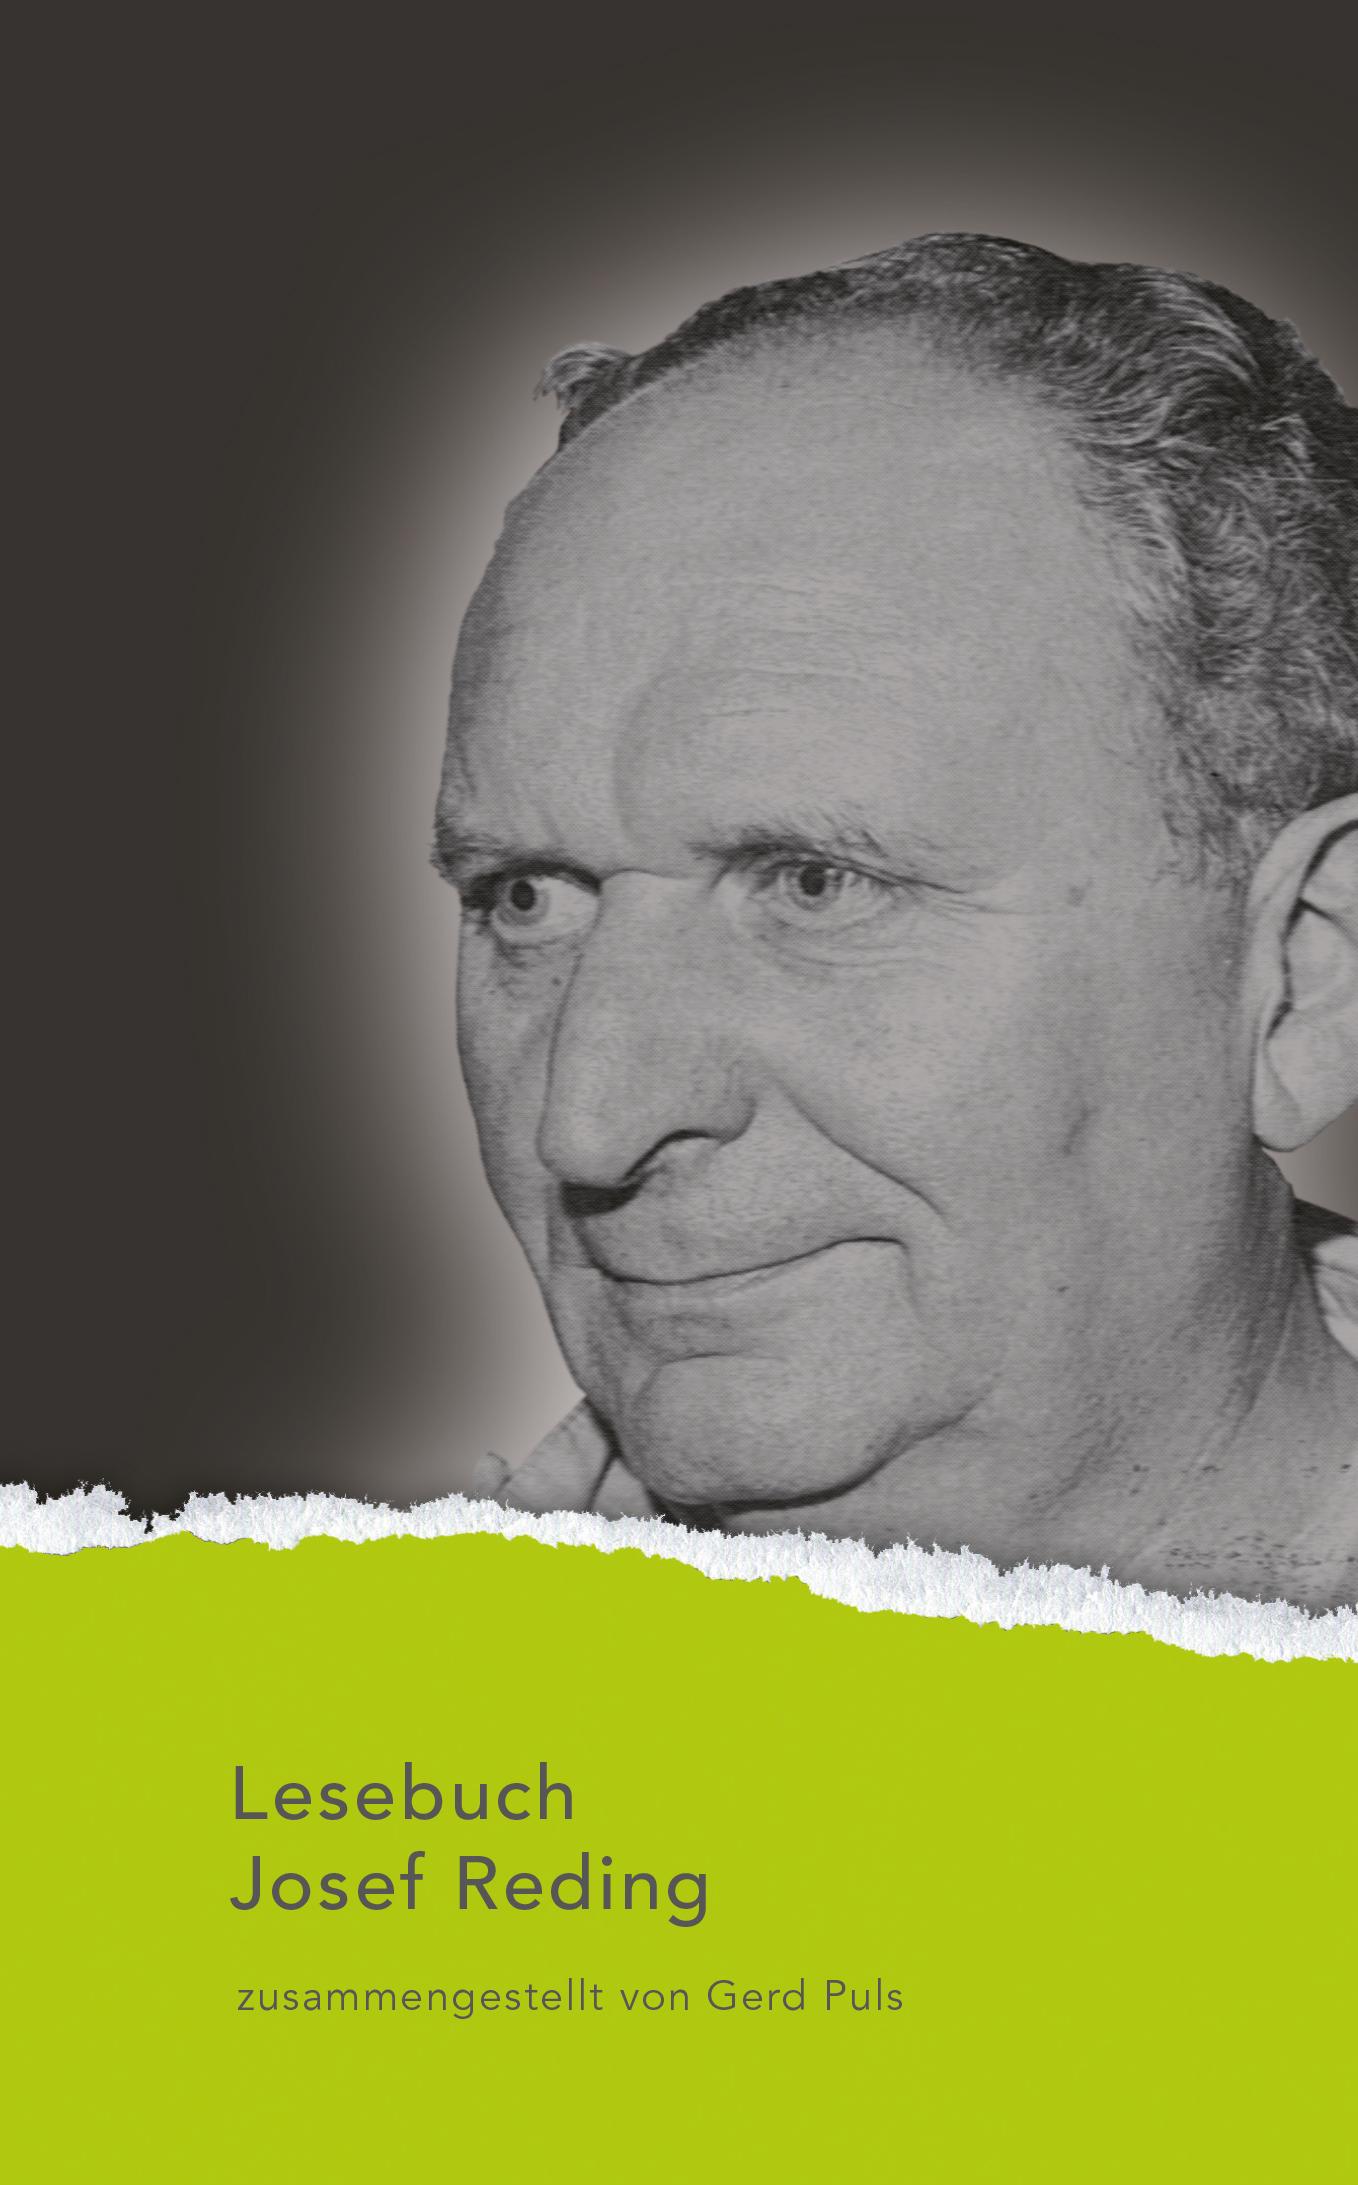 Josef Reding Lesebuch, Josef Reding